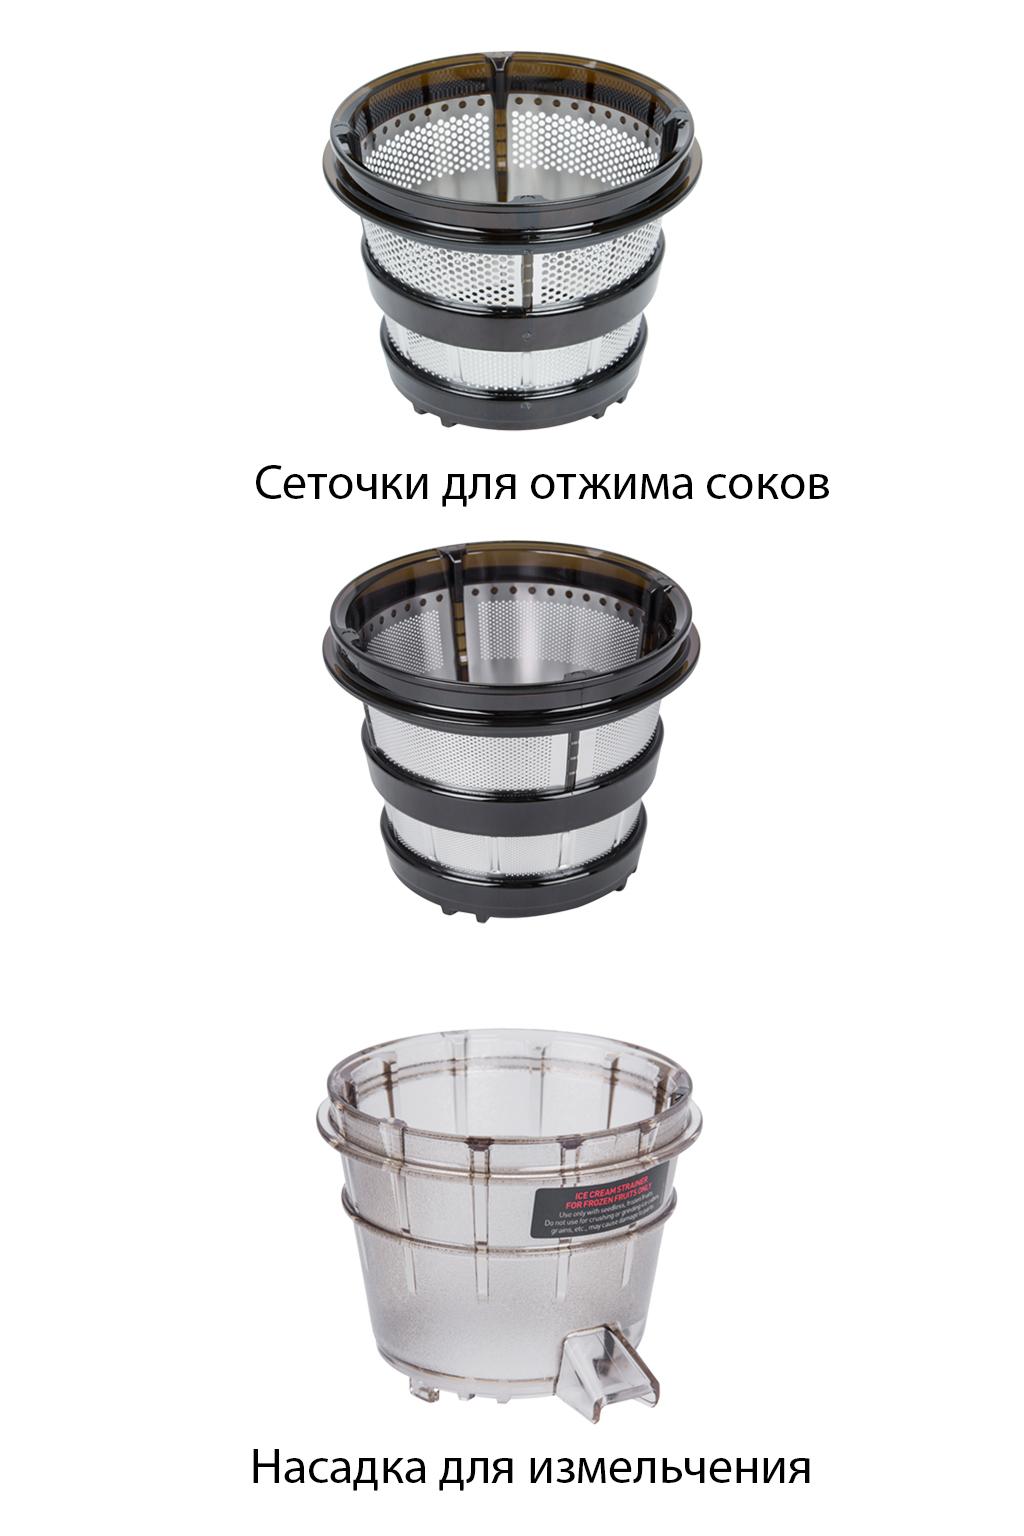 Отличия насадки для измельчения от сеточки для отжима